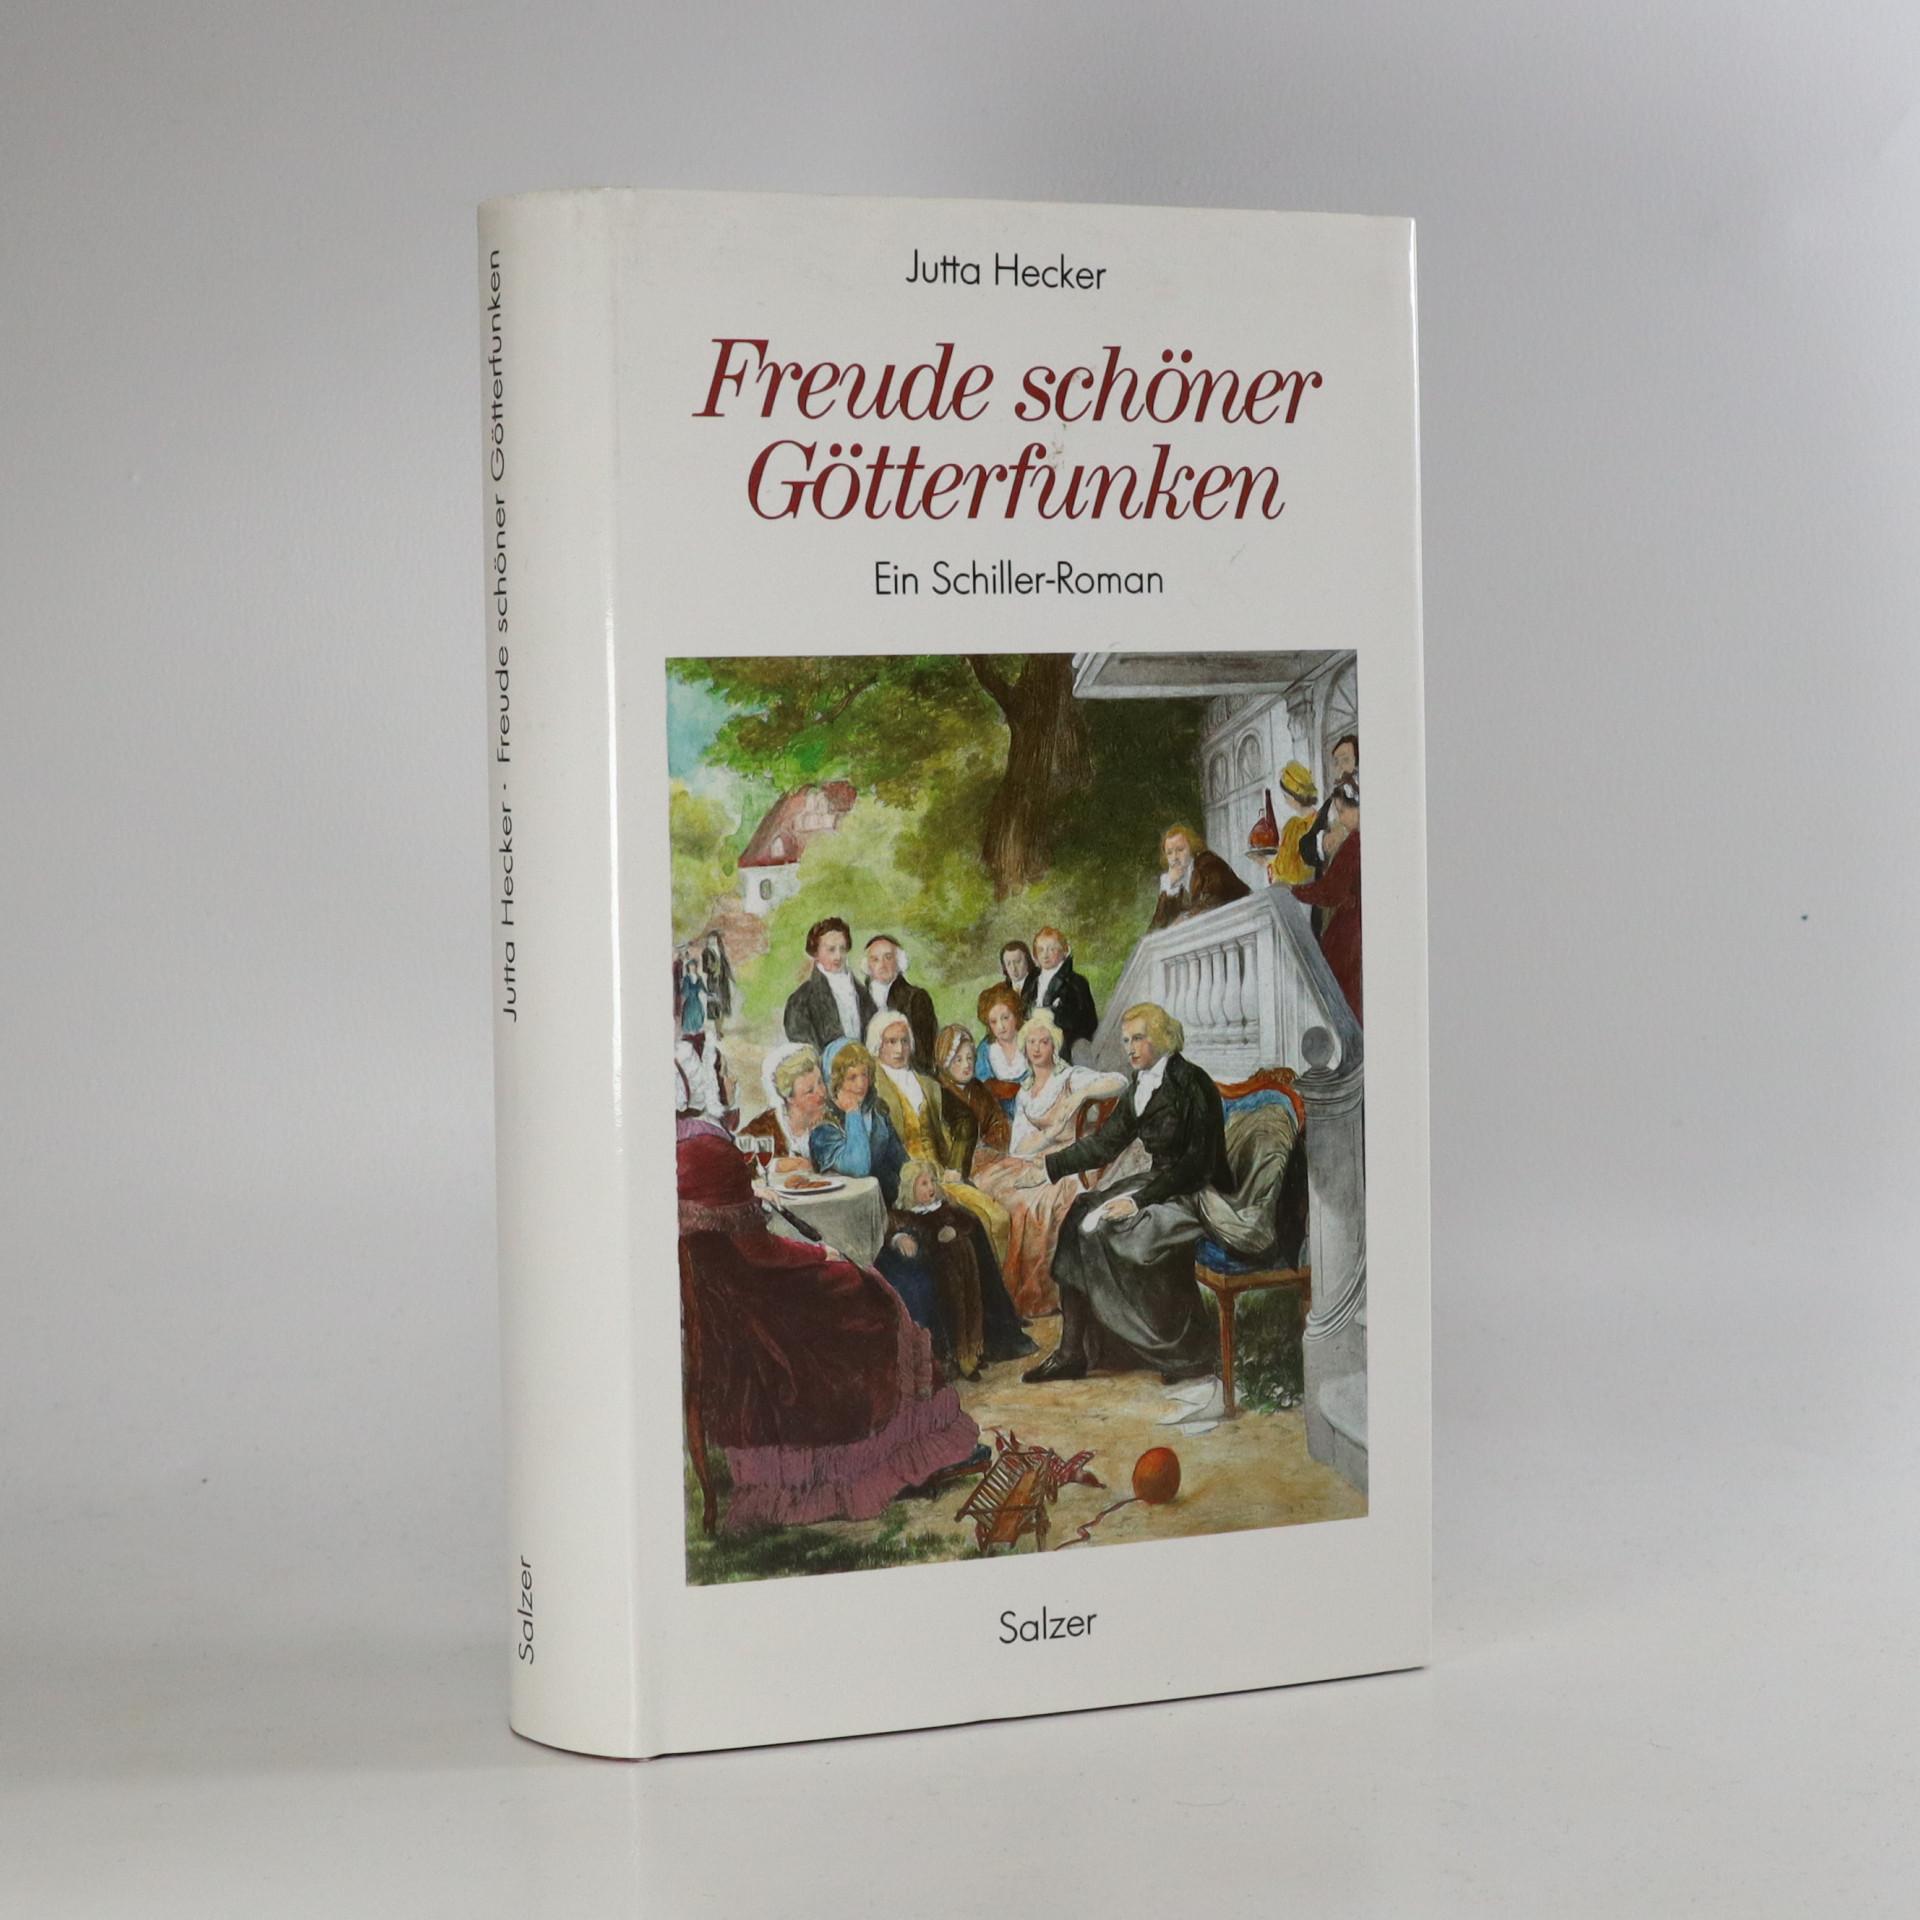 antikvární kniha Freude schöner Götterfunken, neuveden